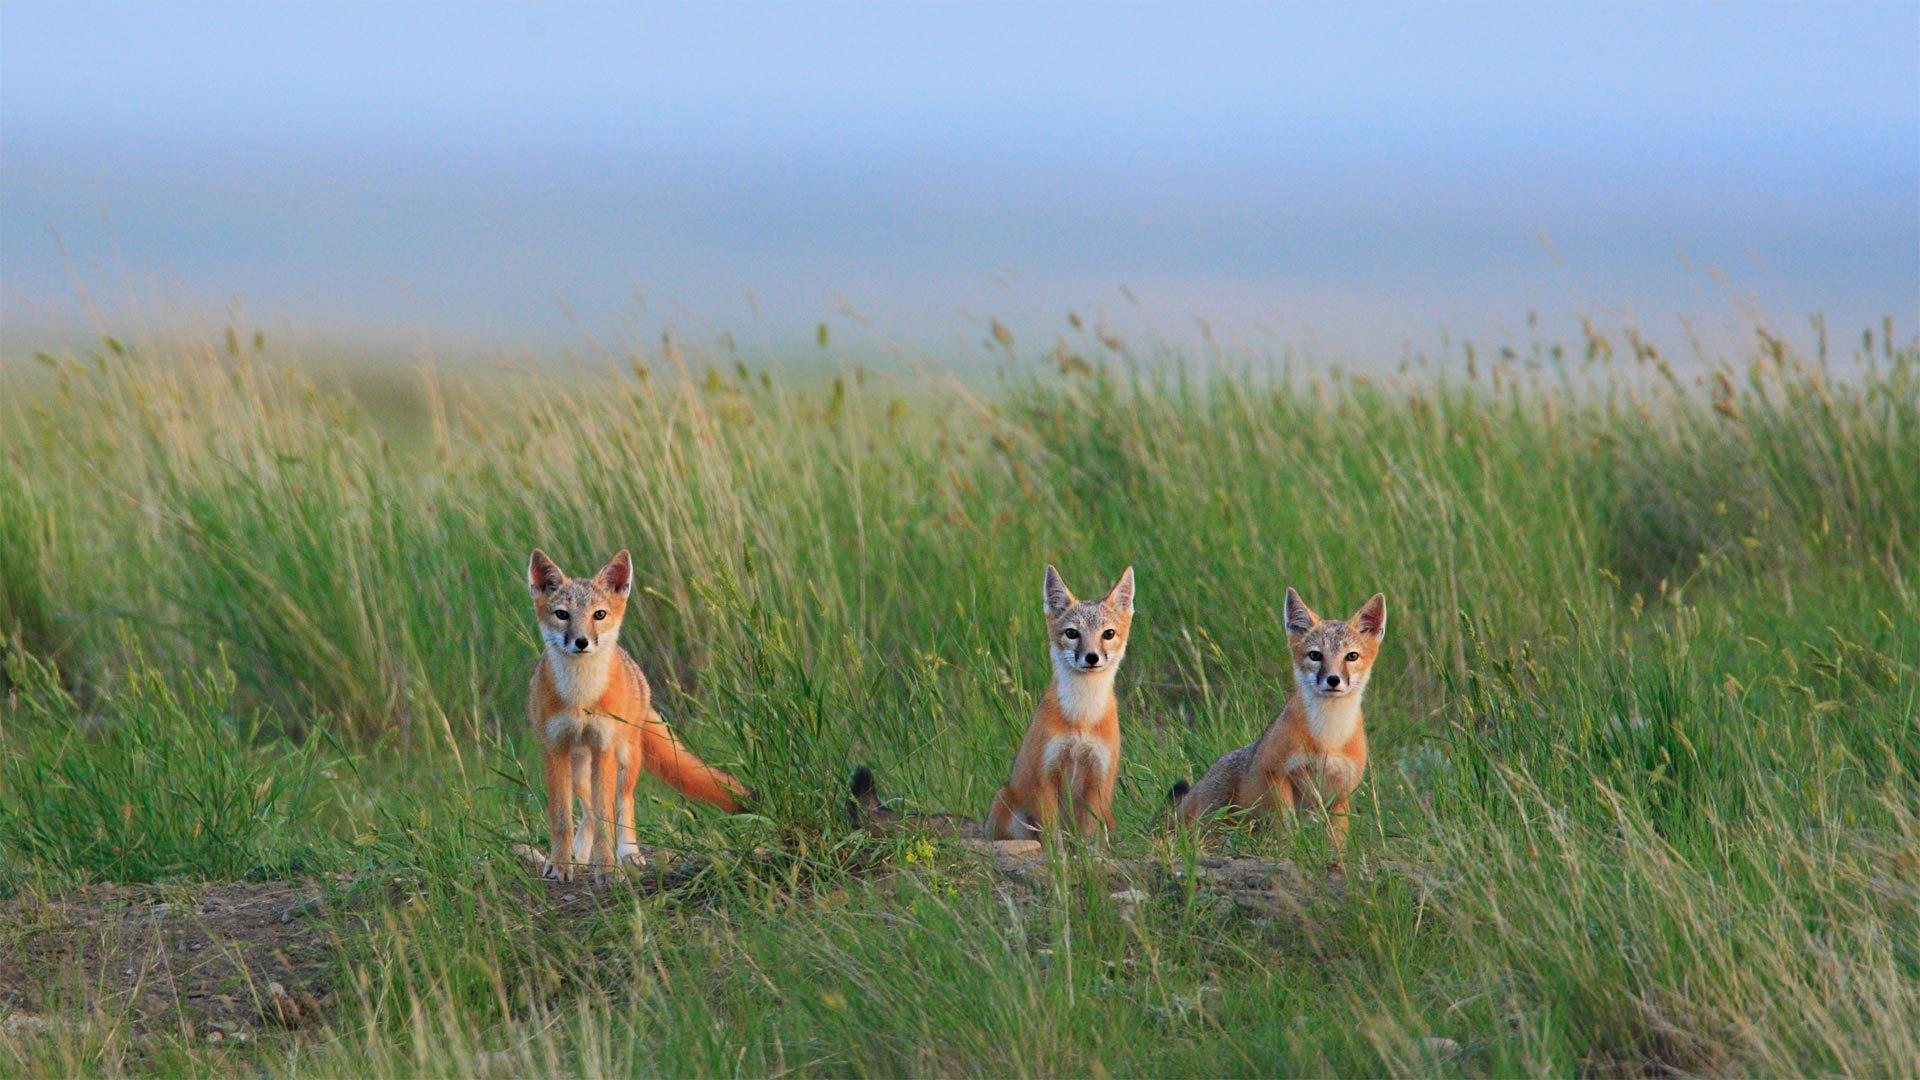 瓦勒玛丽附近草原国家公园中的草原狐幼崽